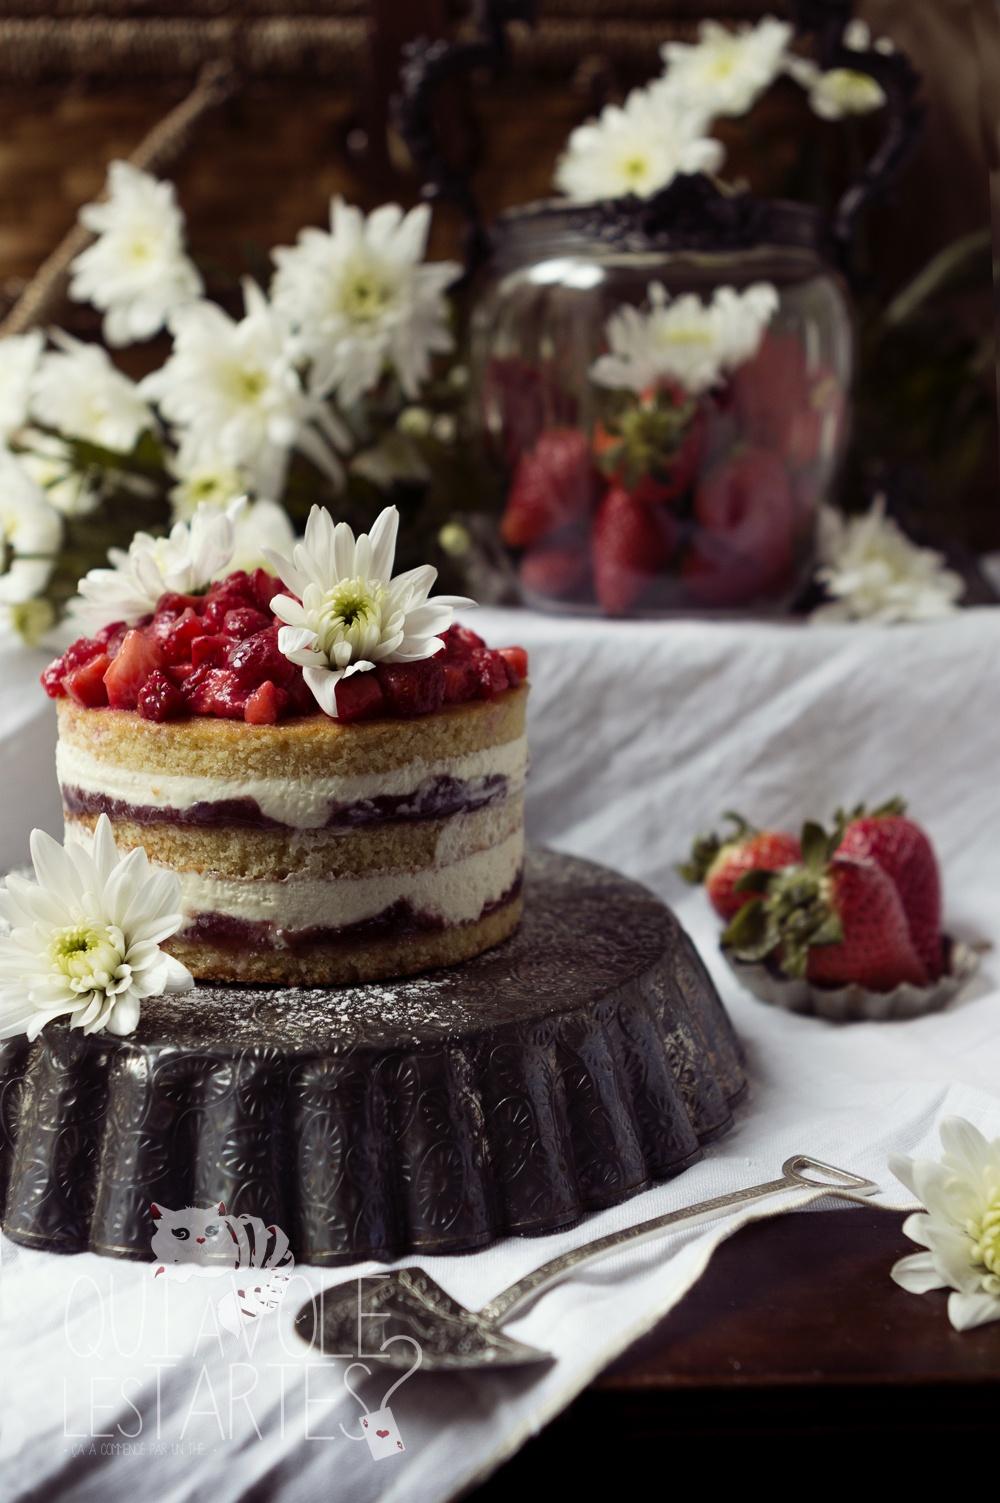 Victoria Sponge Cake sans gluten 1 - Studio de création - Qui a volé les tartes